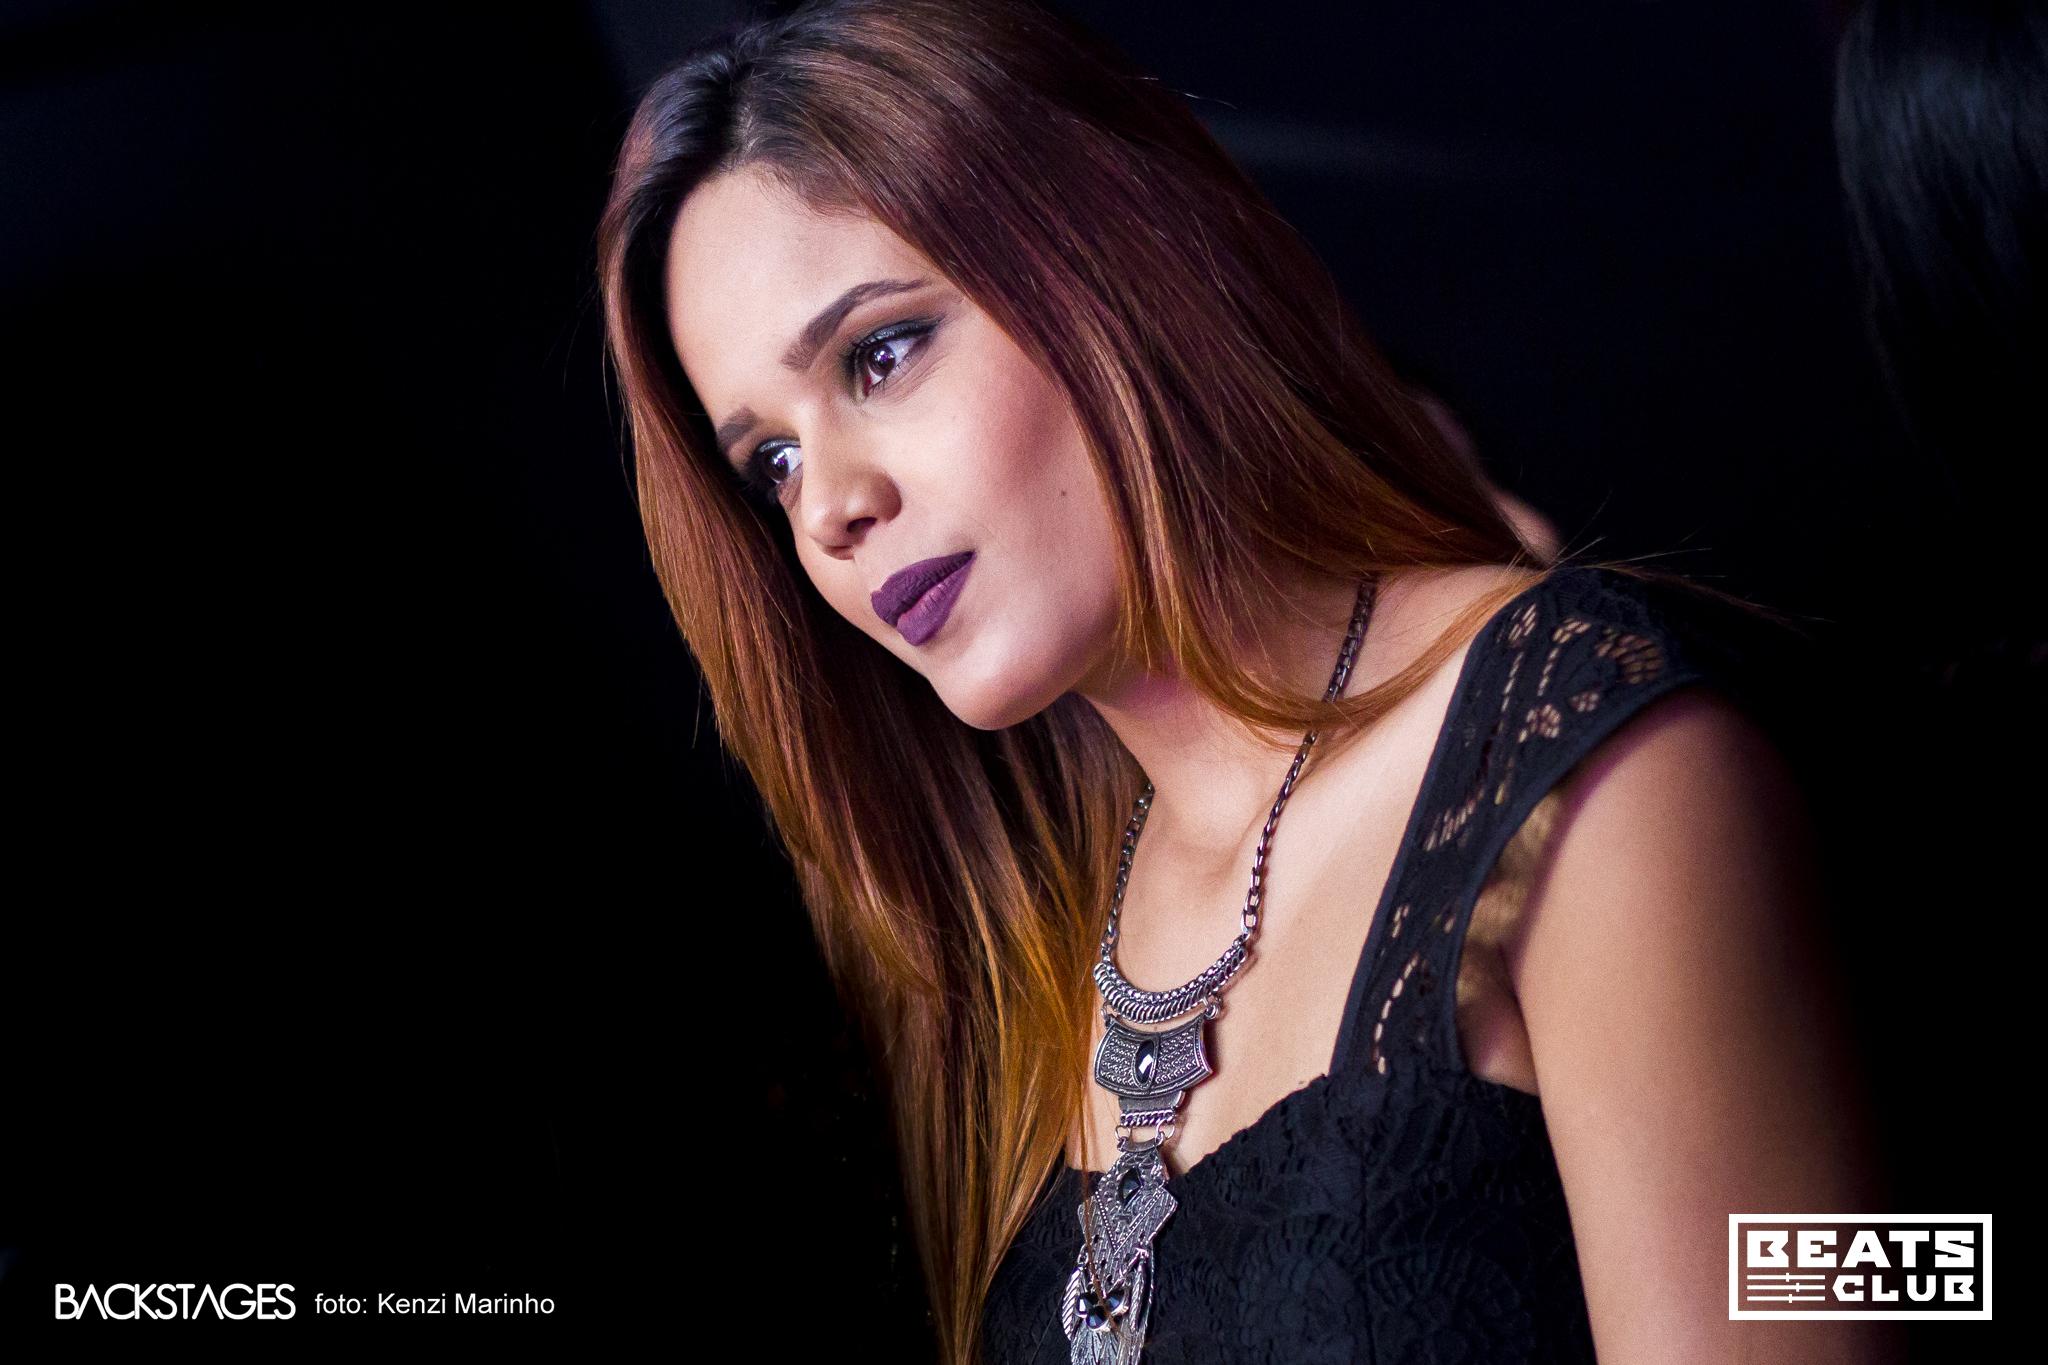 Beats Club - Inauguração 06.05.2017 - Kenzi Marinho (49)